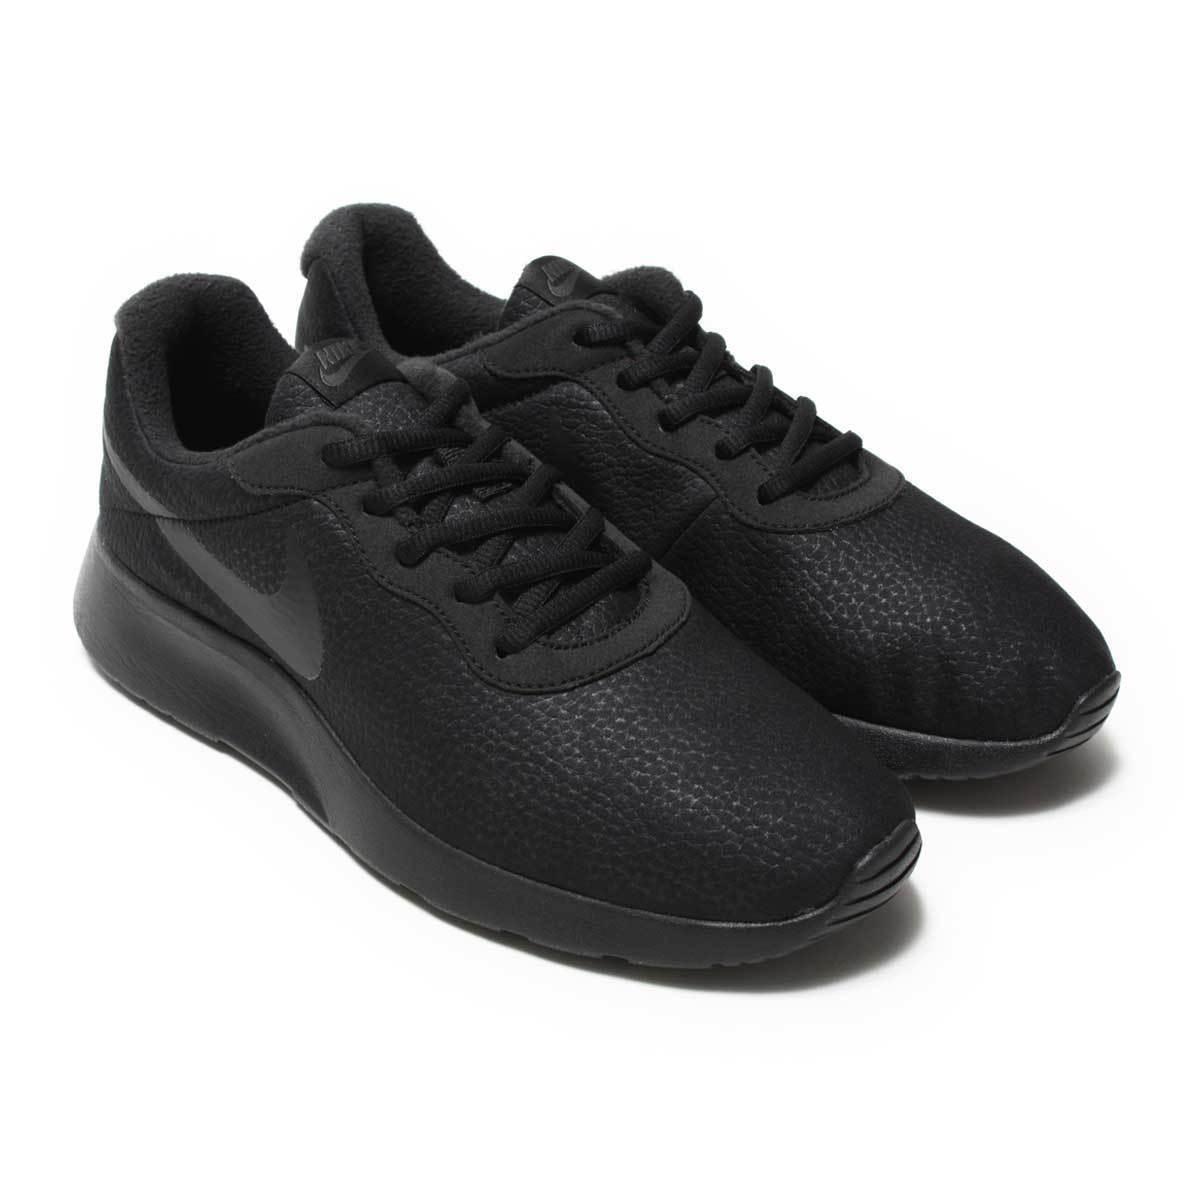 Men's Nike Tanjun Premium Running Shoes Black New In Box Sz 8-12 876899-005